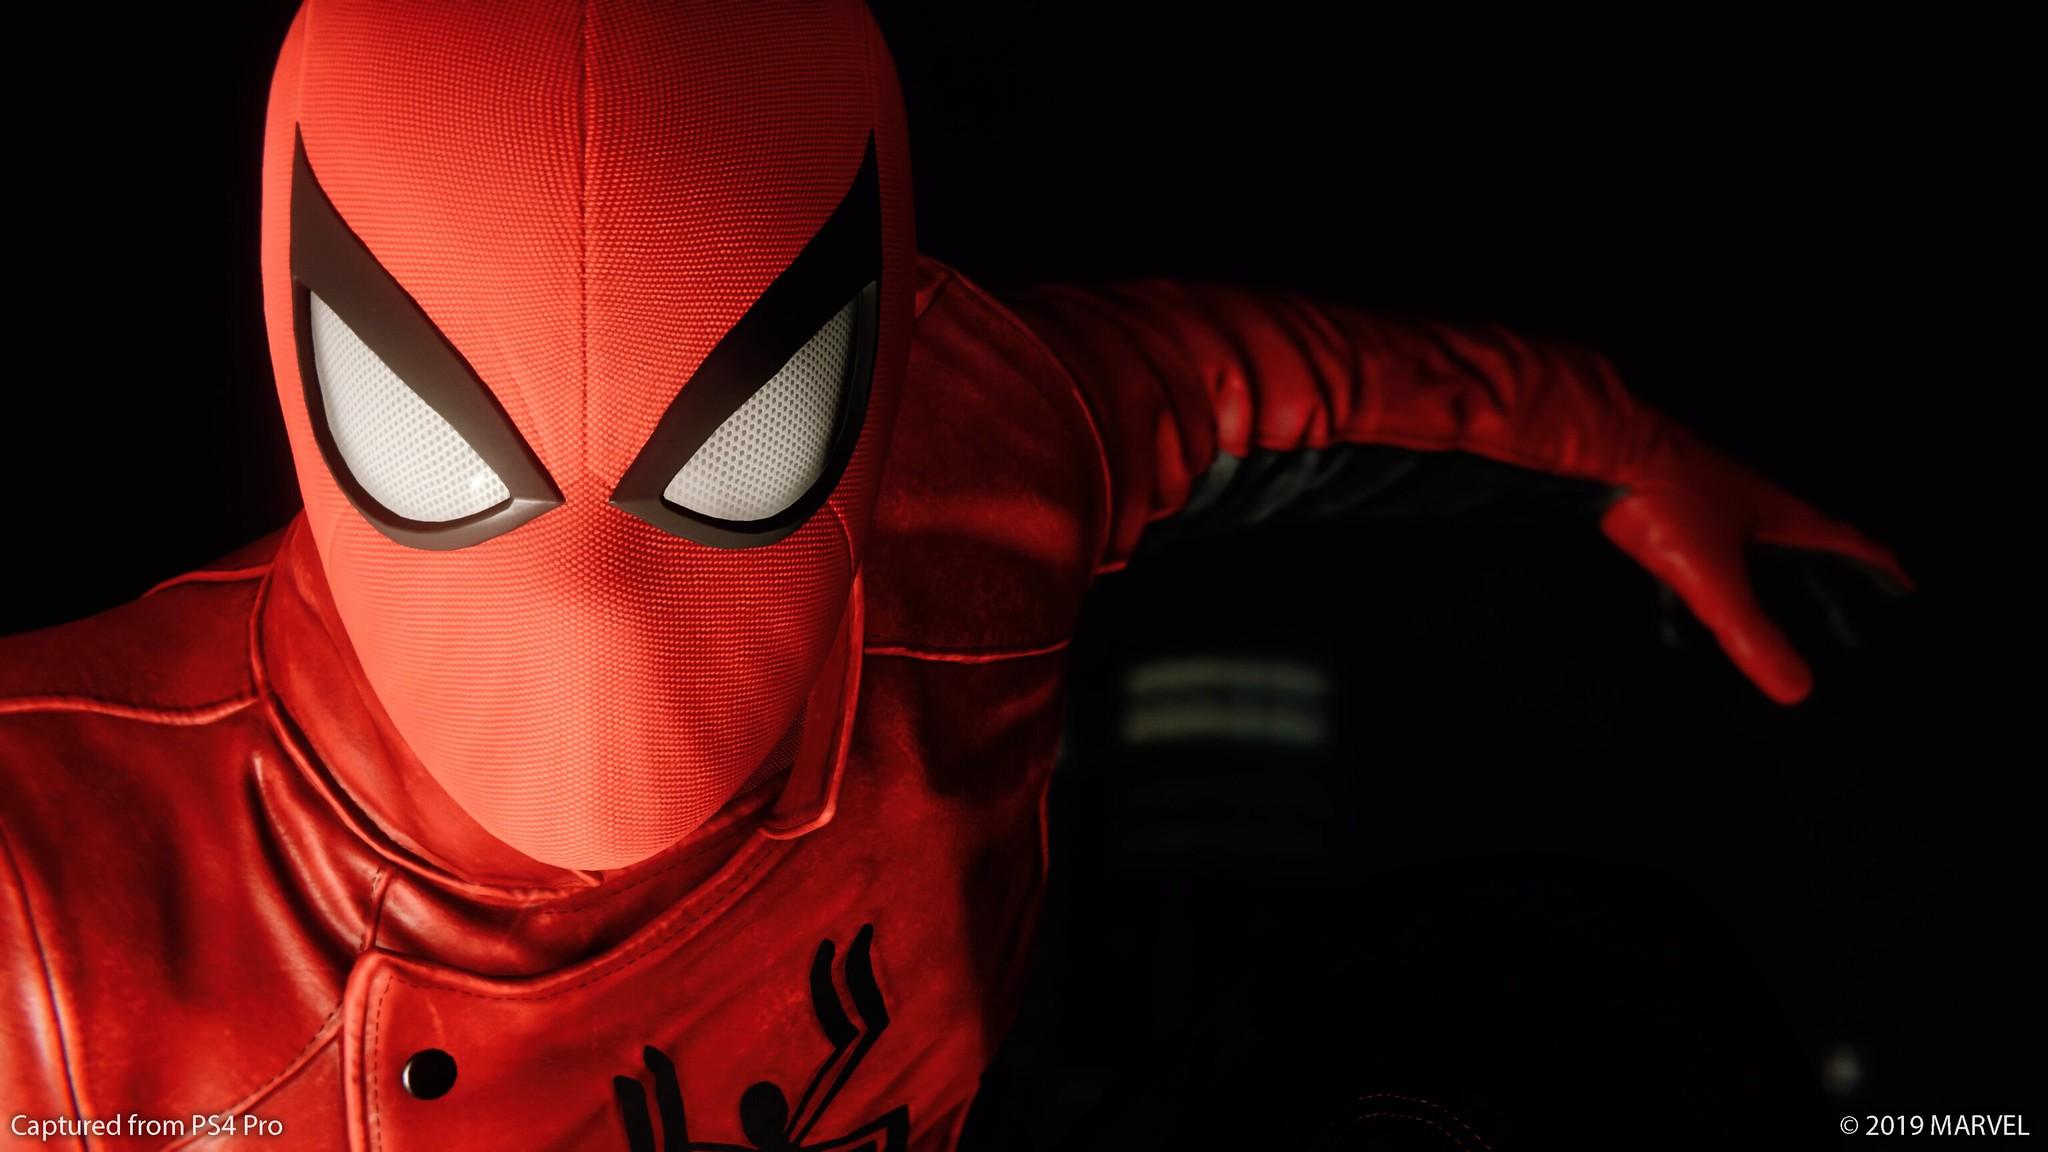 48602742762 1ed5be410c k - So macht ihr mehr Fotos von Spider-Man in Marvel's Spider-Man für PS4